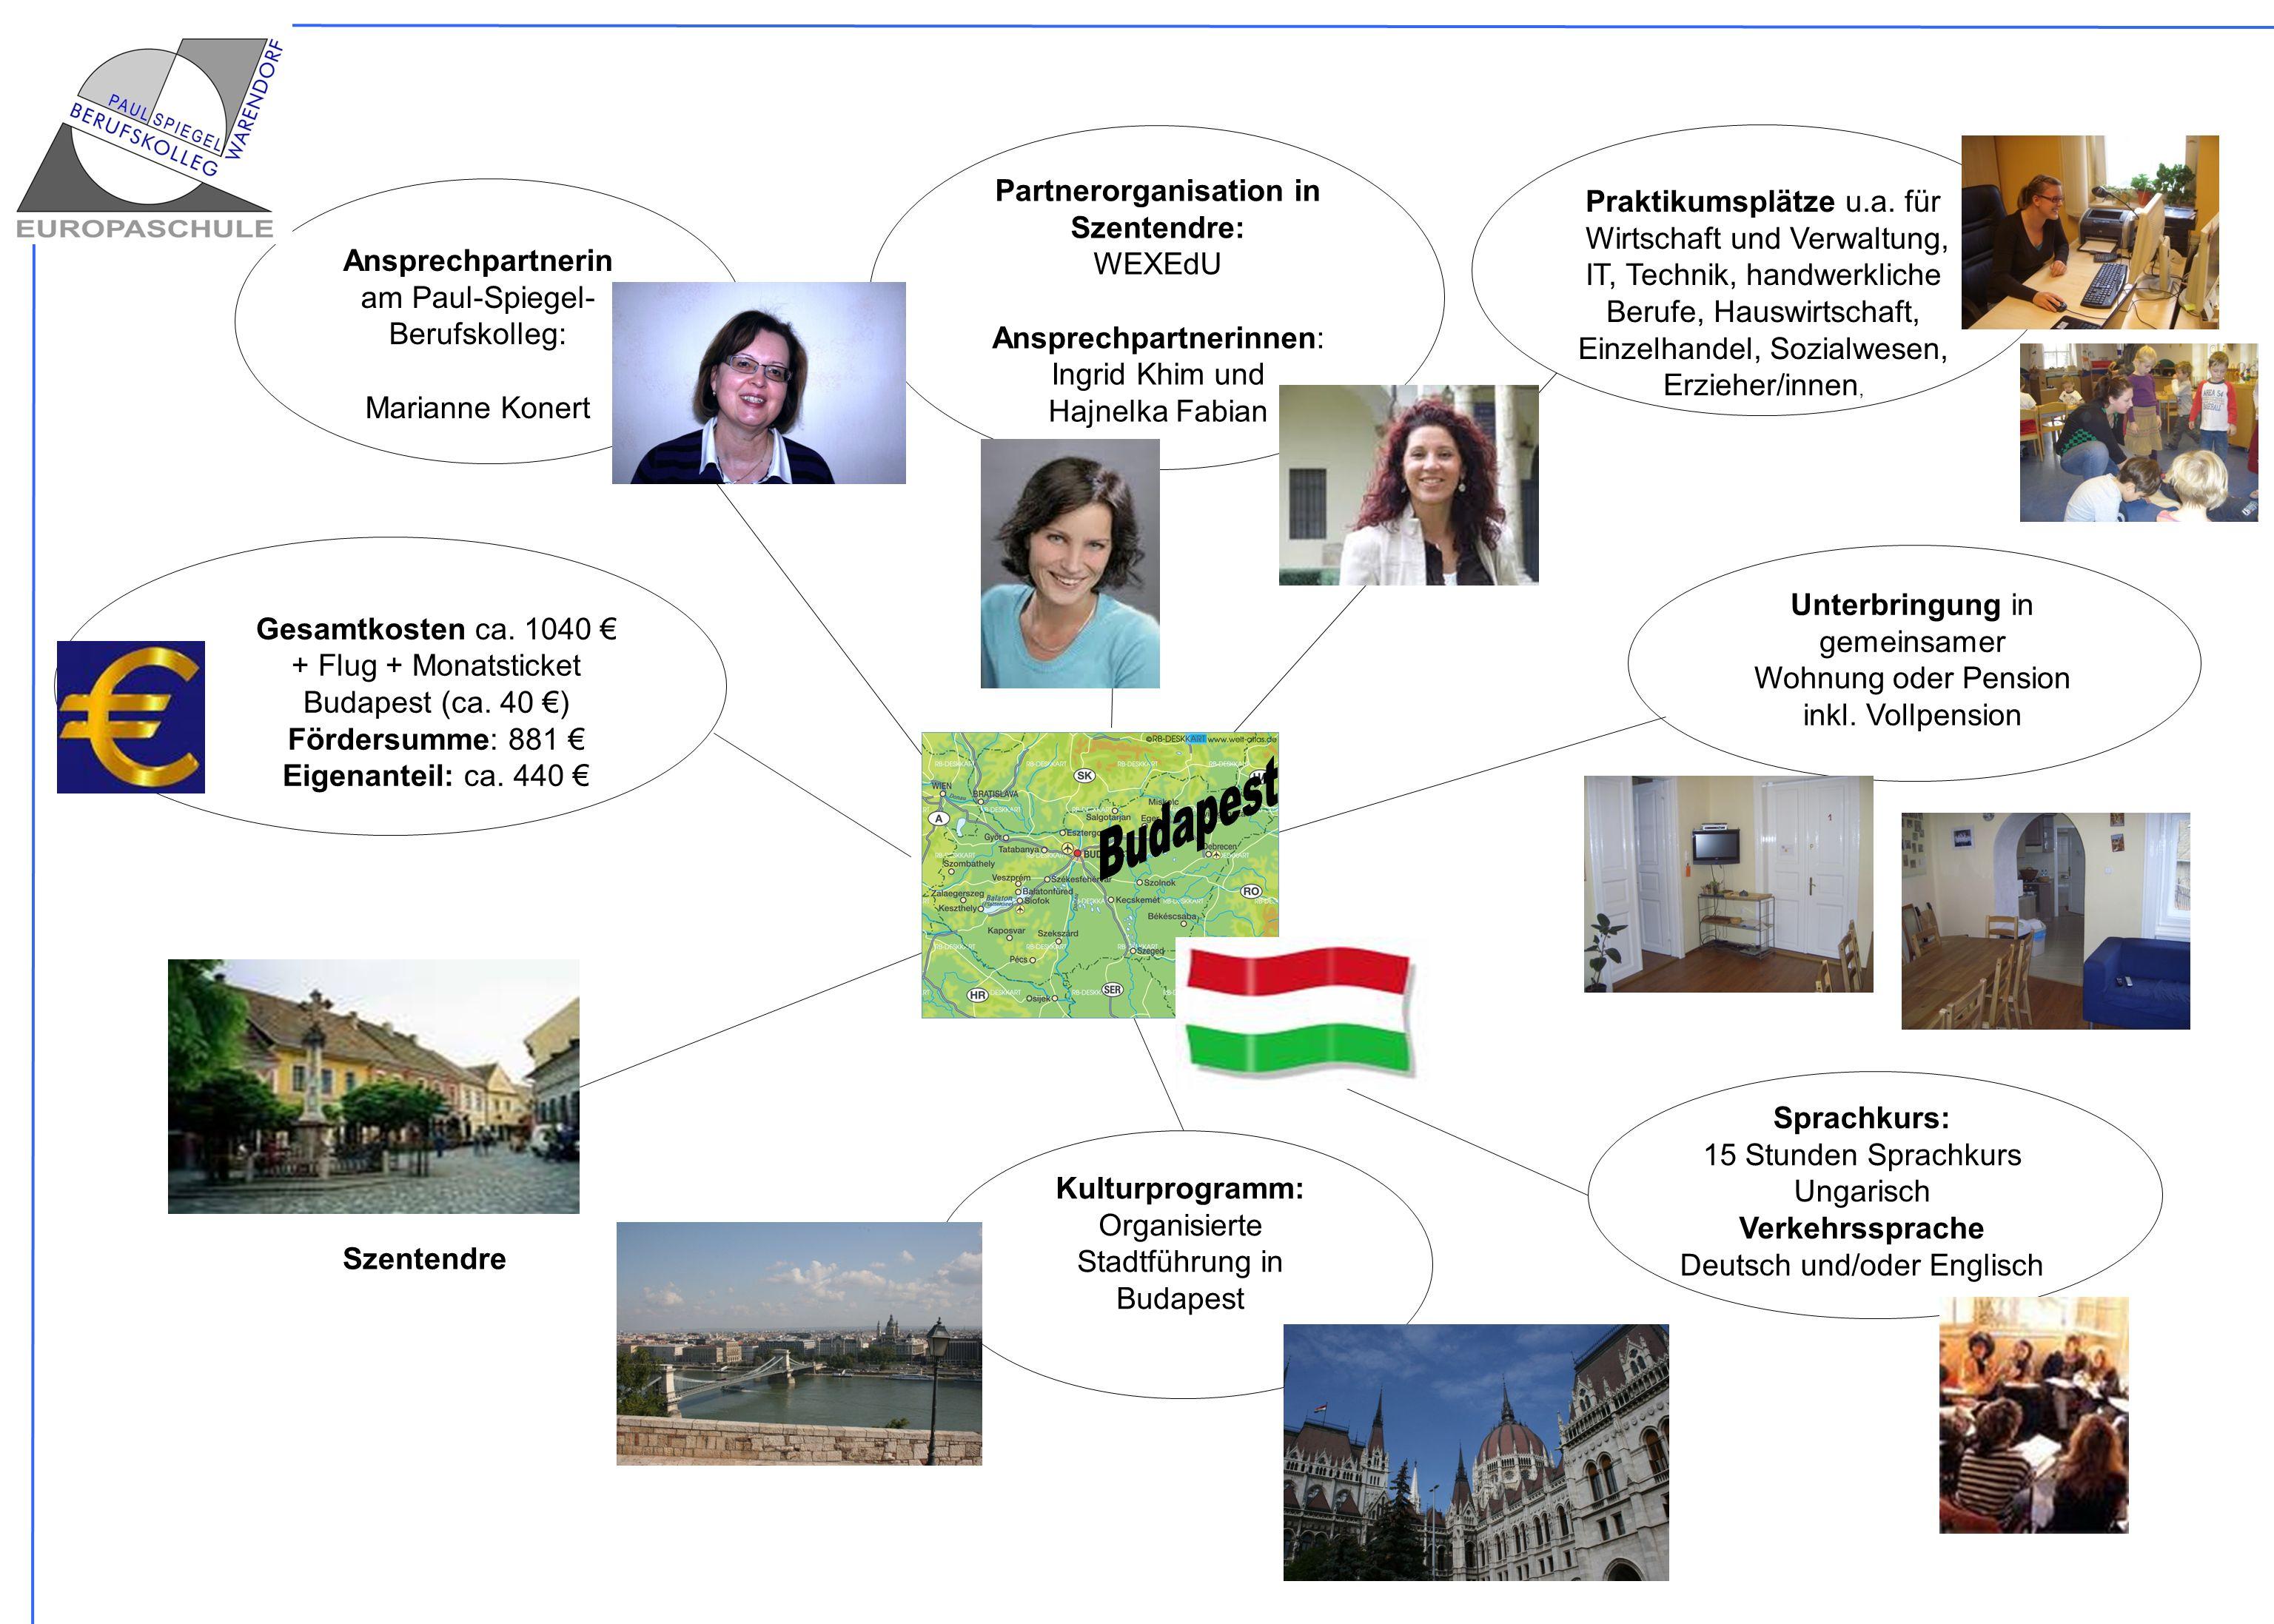 Sprachkurs: 15 Stunden Sprachkurs Ungarisch Verkehrssprache Deutsch und/oder Englisch Praktikumsplätze u.a. für Wirtschaft und Verwaltung, IT, Technik